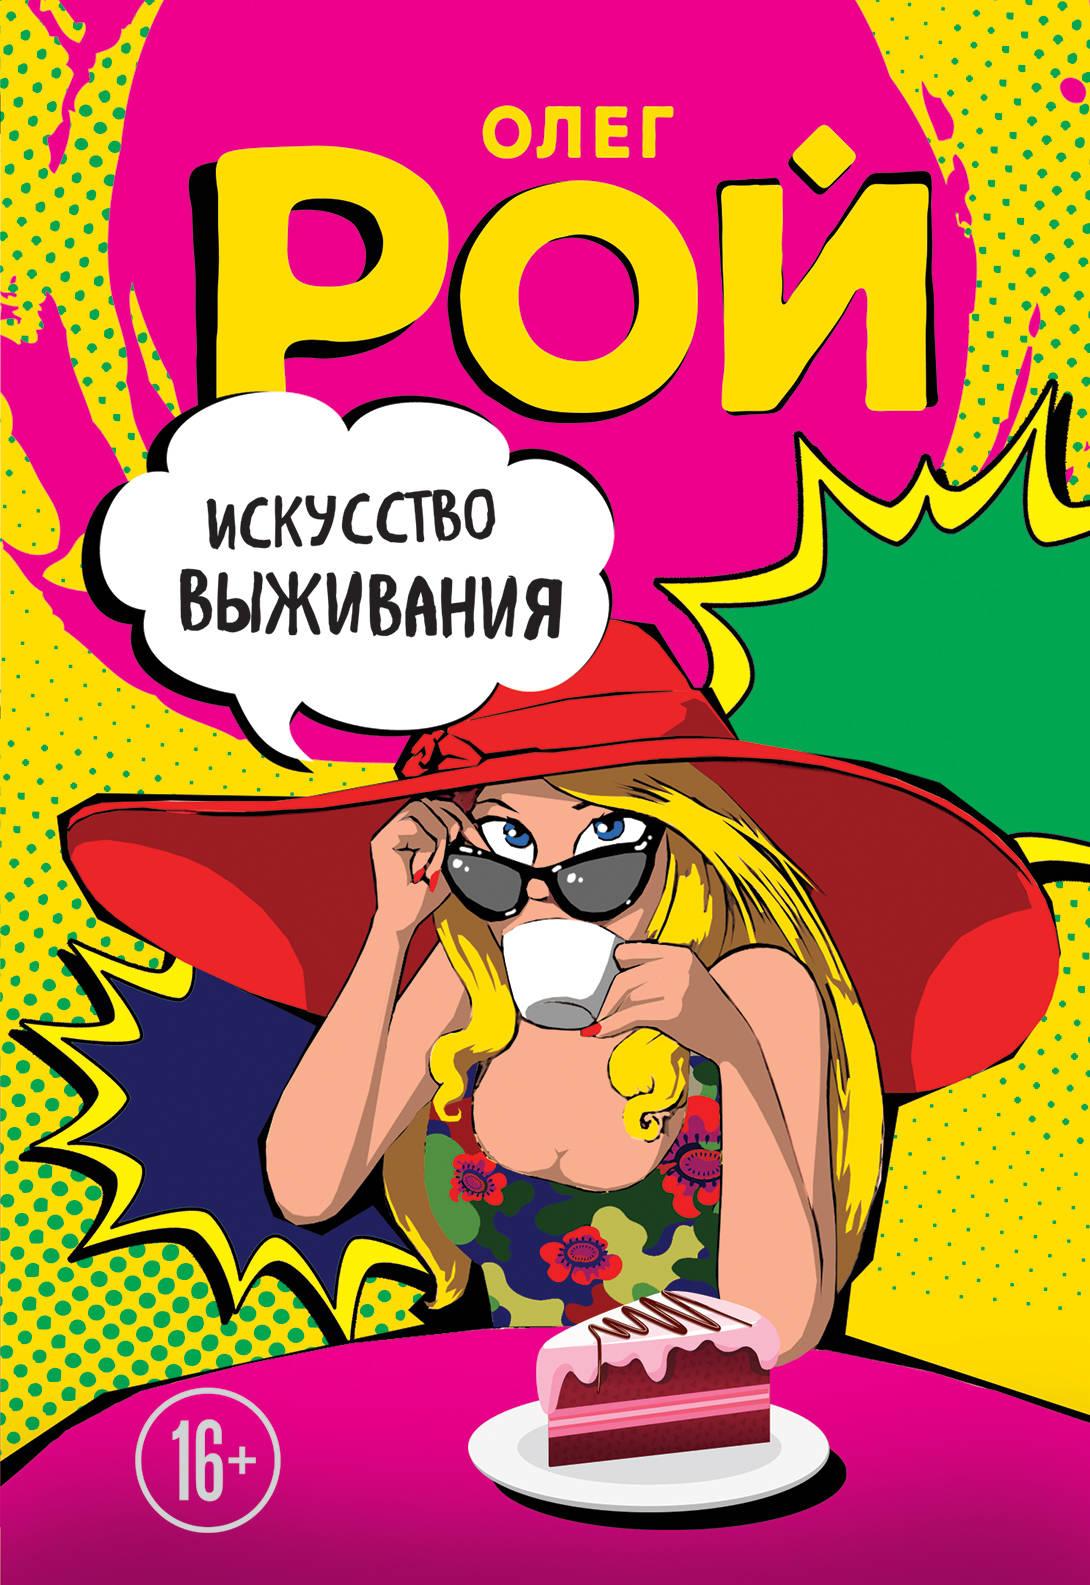 Олег Рой Искусство выживания ю и крашевский красная пара